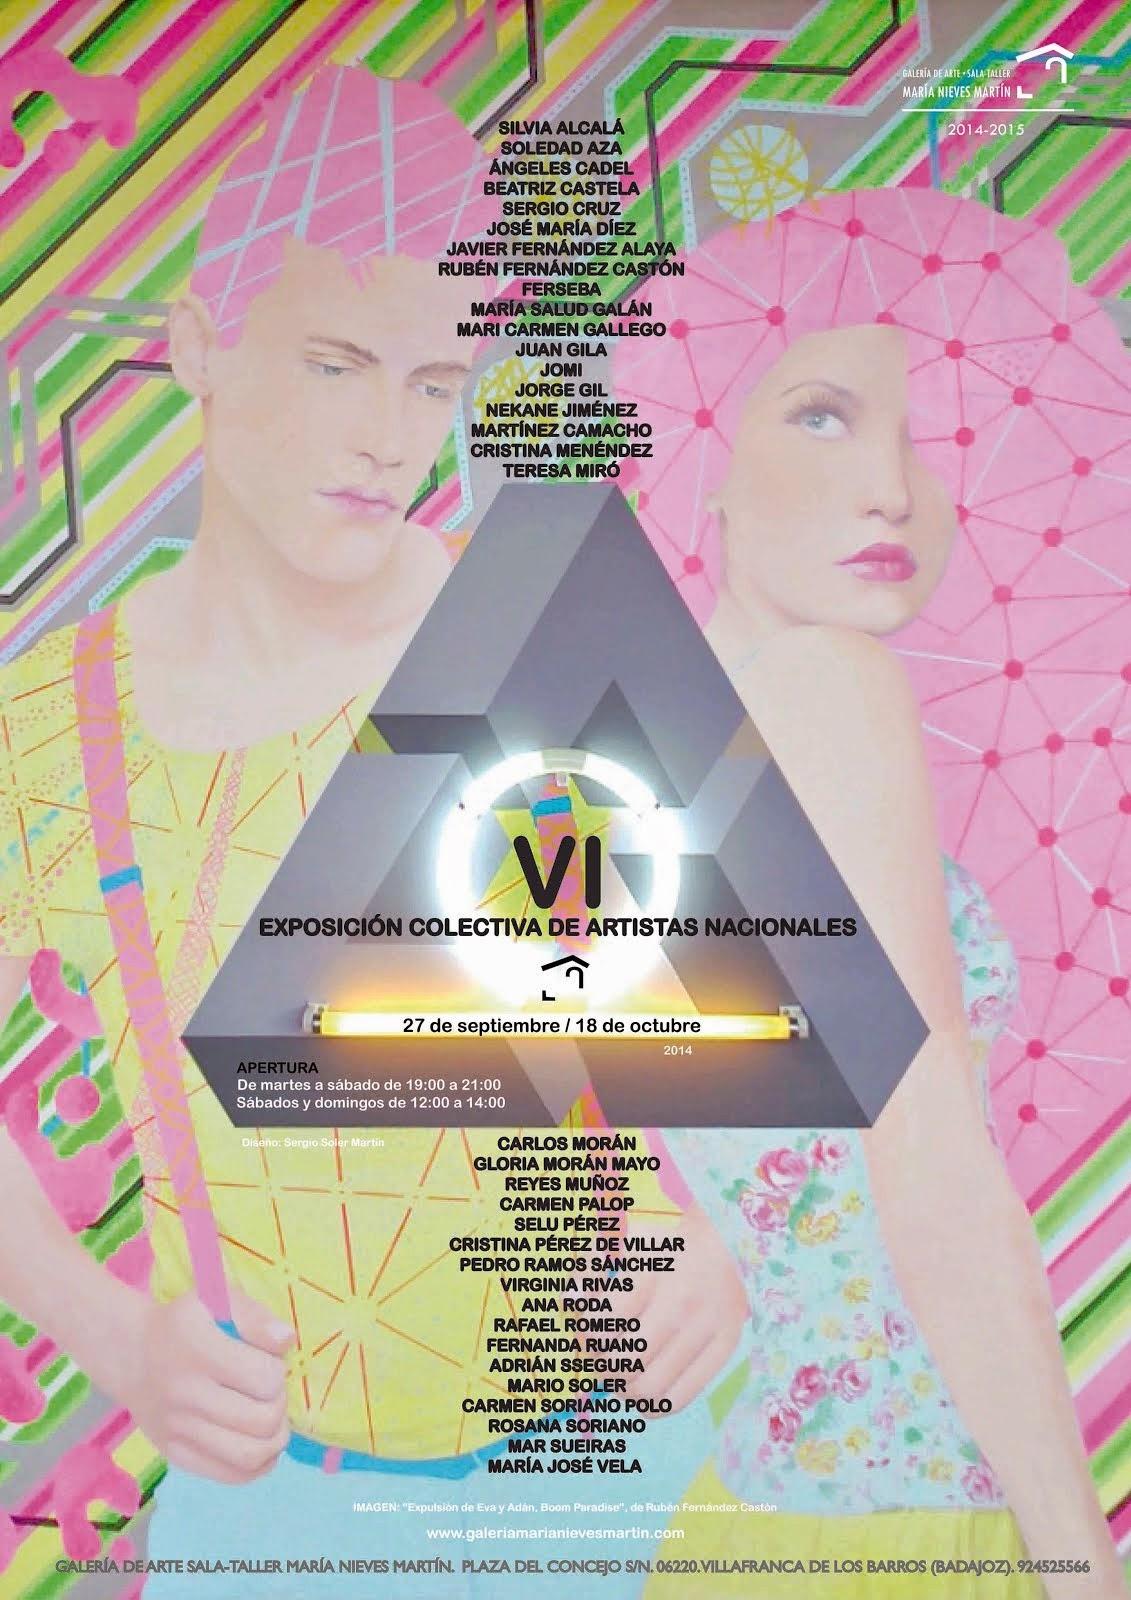 VI Exposición Colectiva de Artistas Nacionales Galería de Arte María Nieves Martín